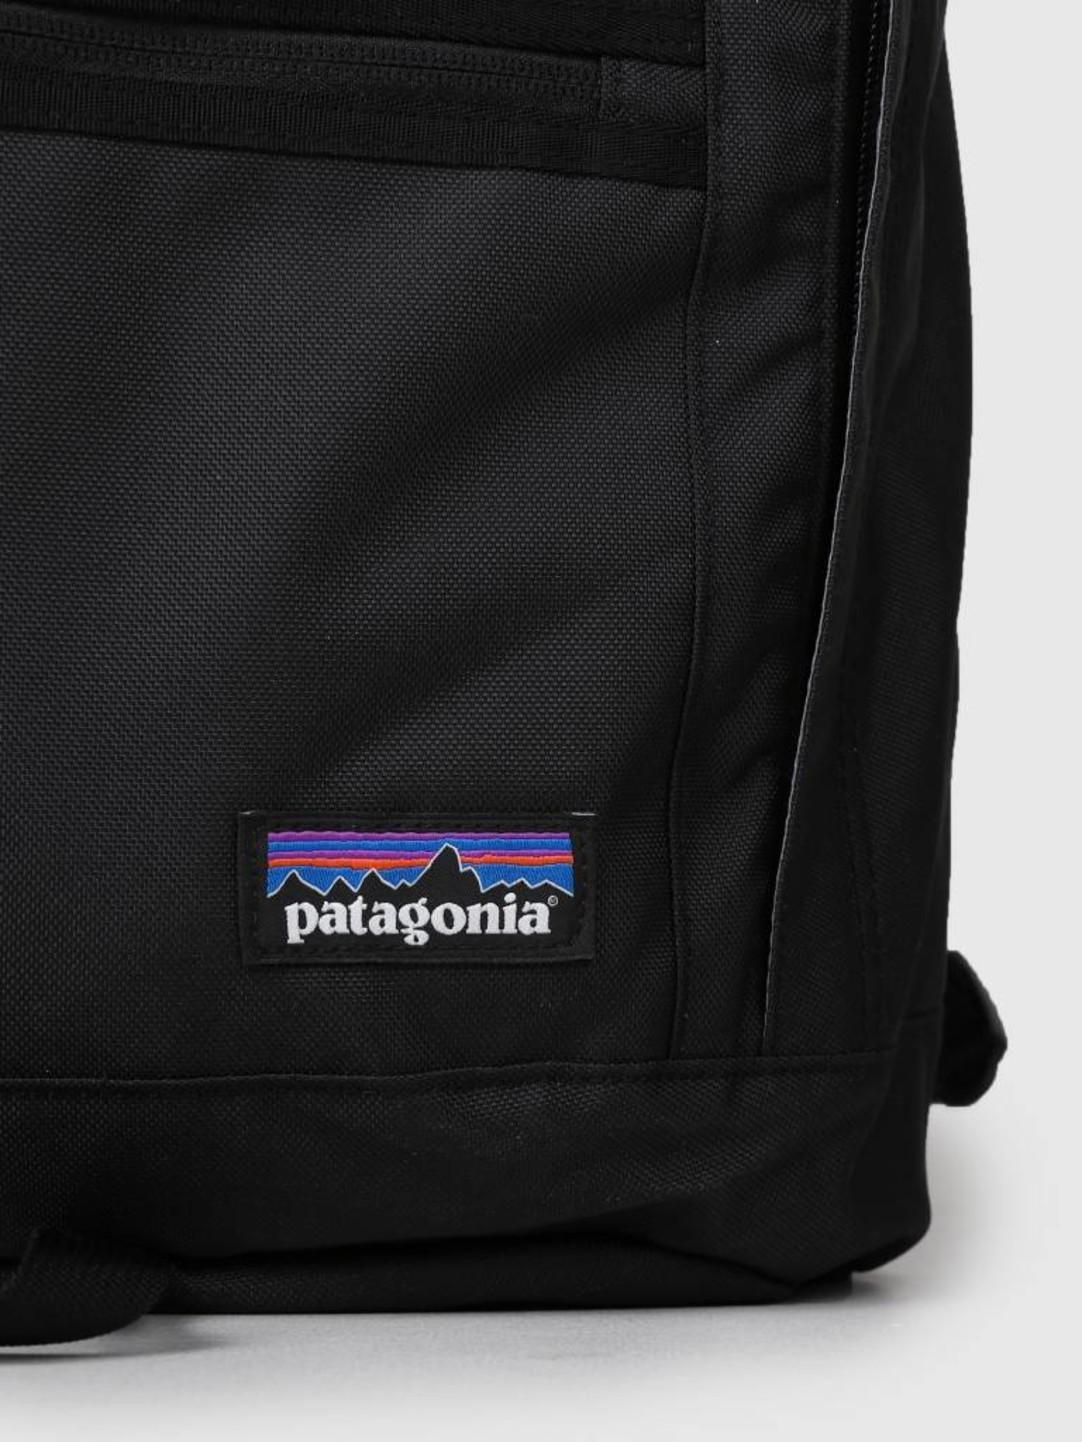 Patagonia Patagonia Arbor Day Pack 20L Black 48016